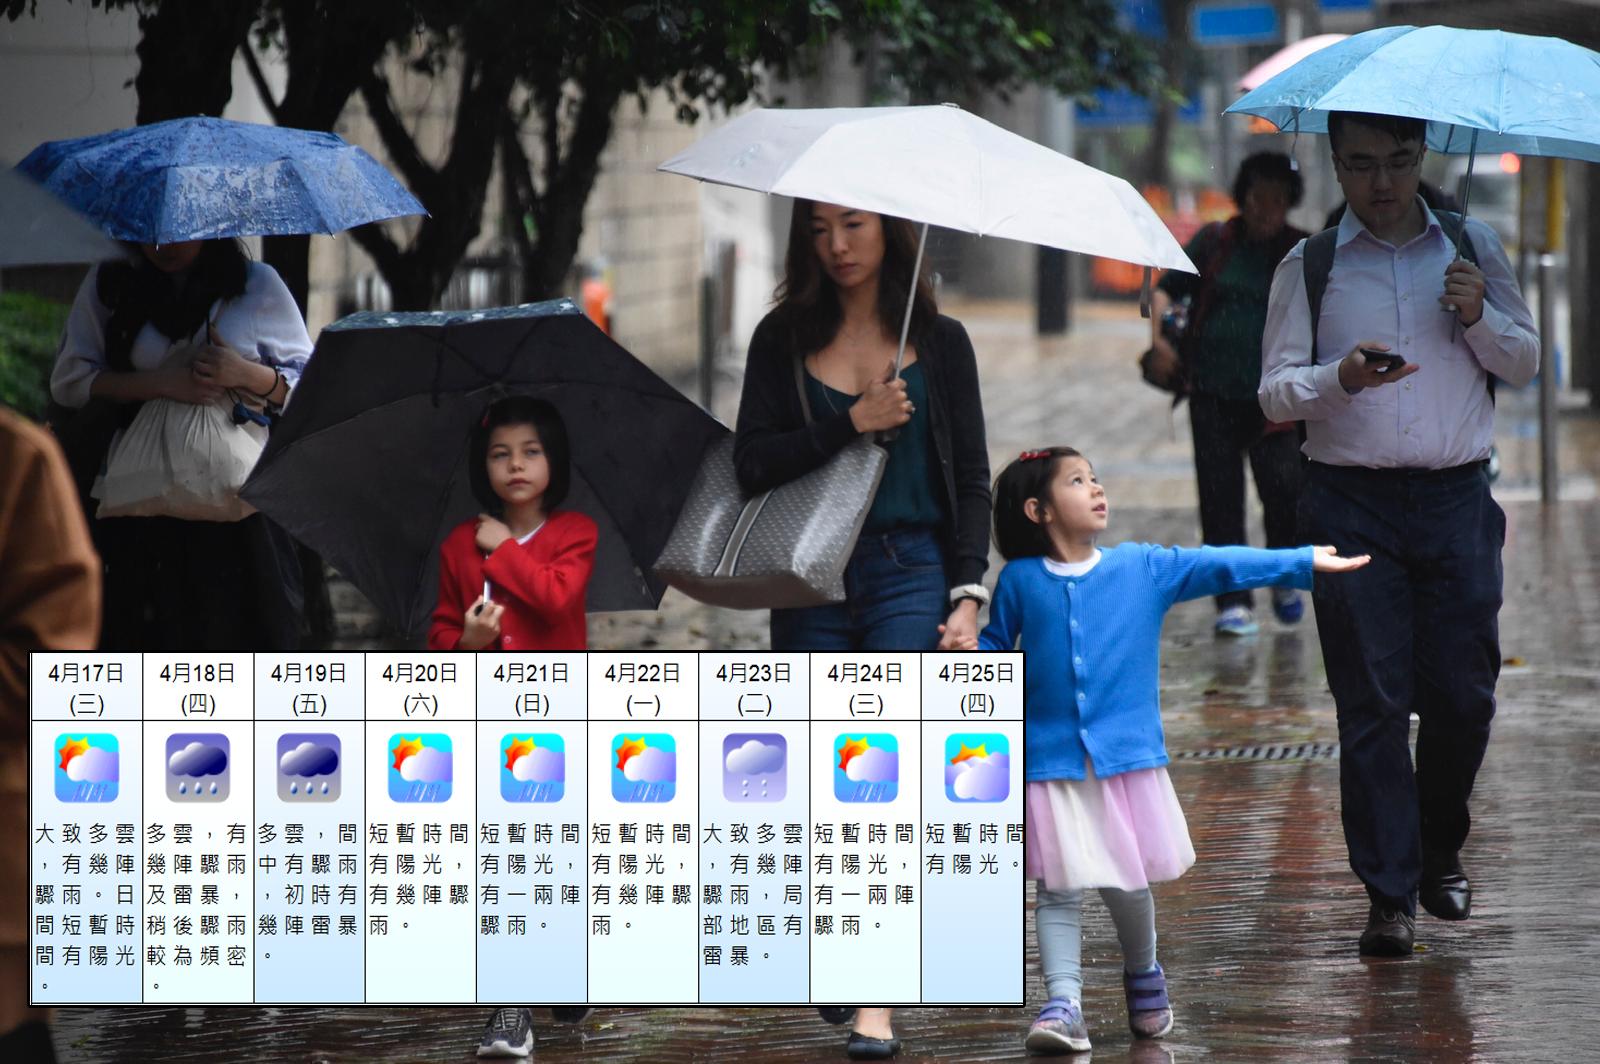 天文台表示,受一股活躍的偏南氣流影響,隨後一兩日廣東沿岸天氣不穩定及有驟雨。 資料圖片及天文台網頁截圖